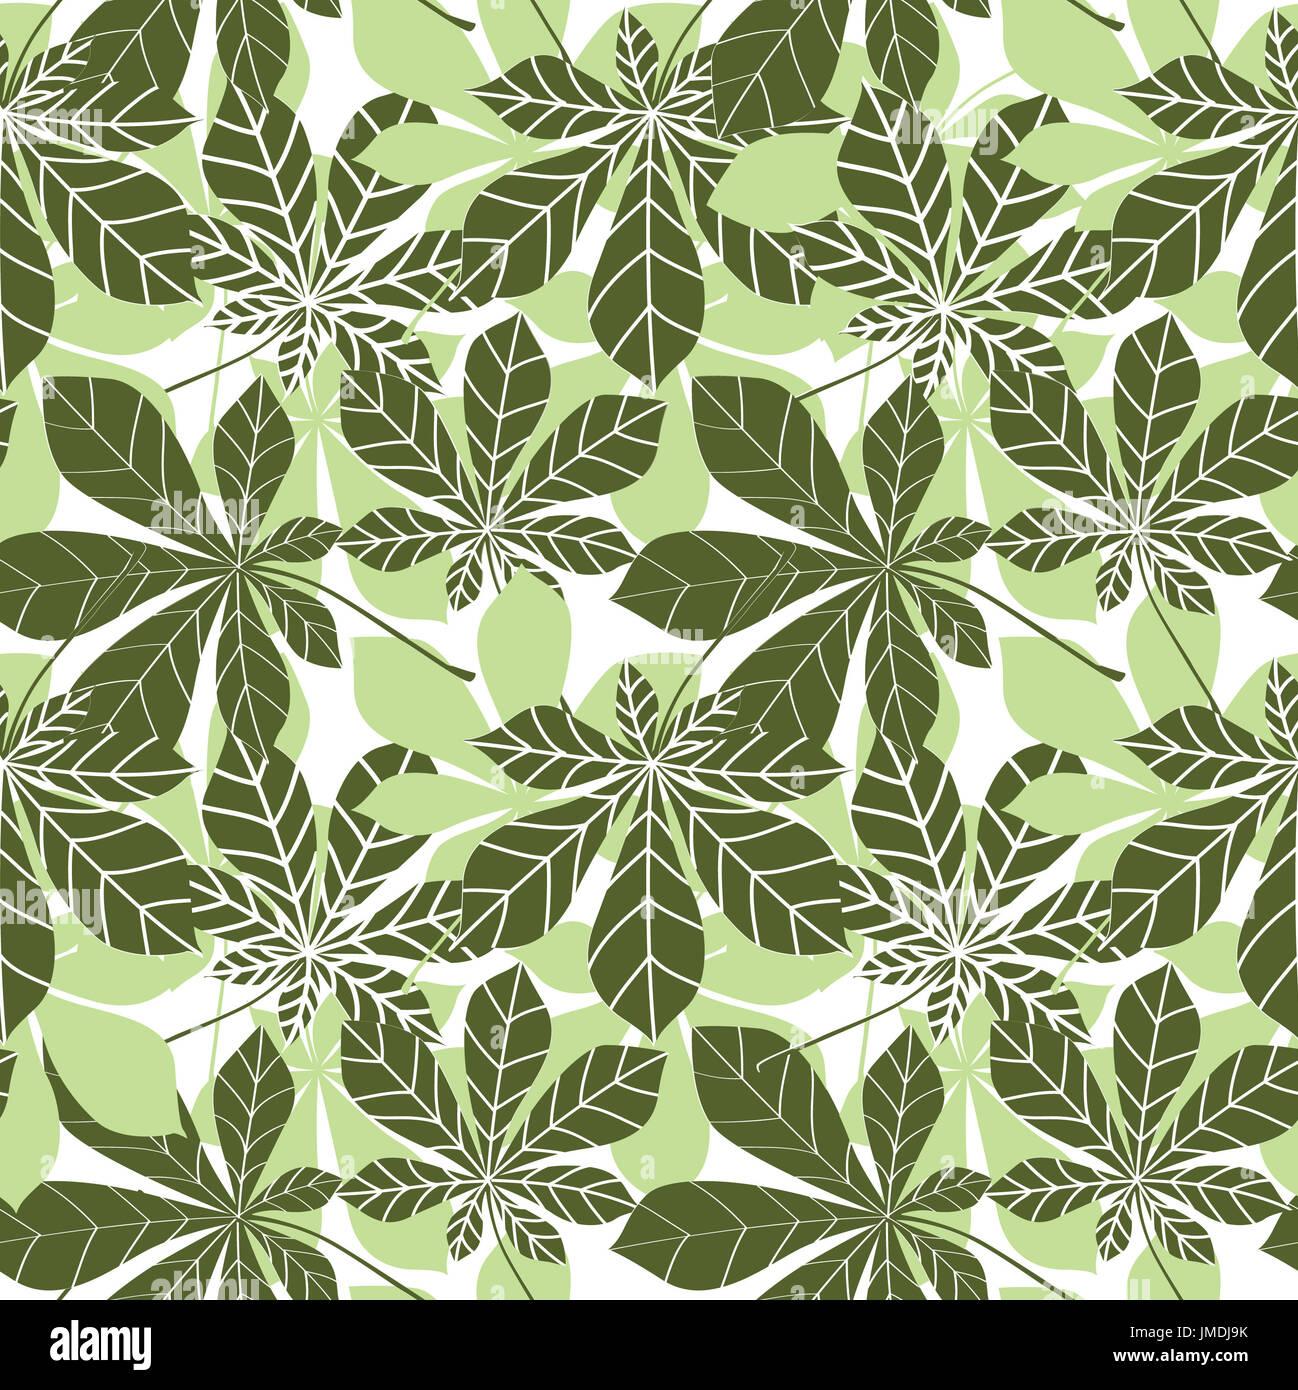 chestnut leaf drawing stockfotos chestnut leaf drawing bilder alamy. Black Bedroom Furniture Sets. Home Design Ideas